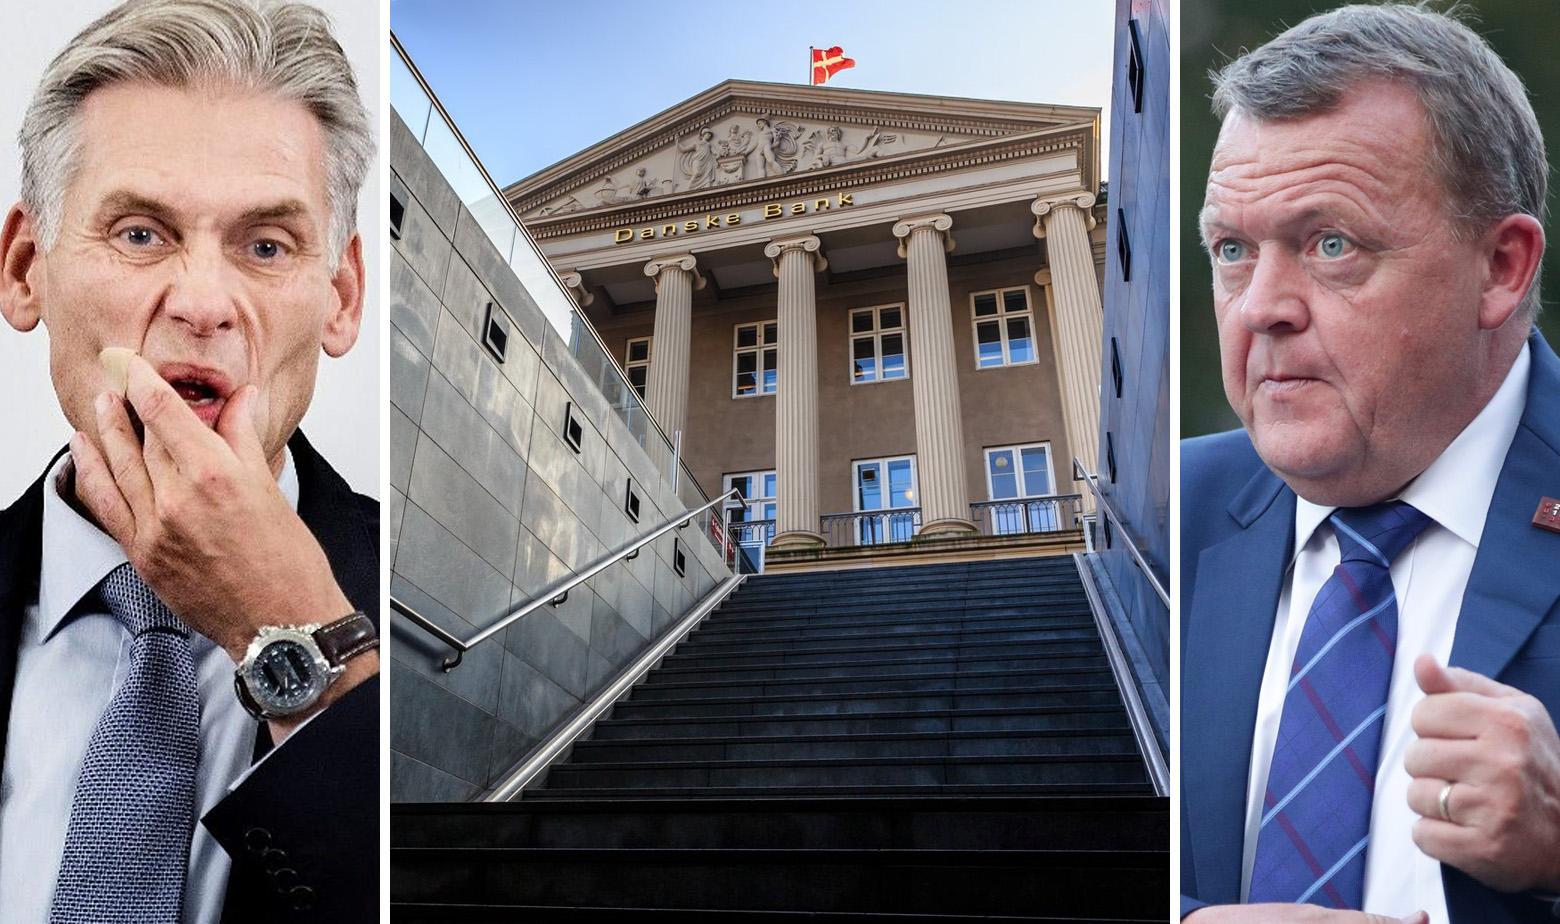 Thomas Borgen, Središnja zgrada Danske Bank i danski premijer Lars Løkke Rasmussen